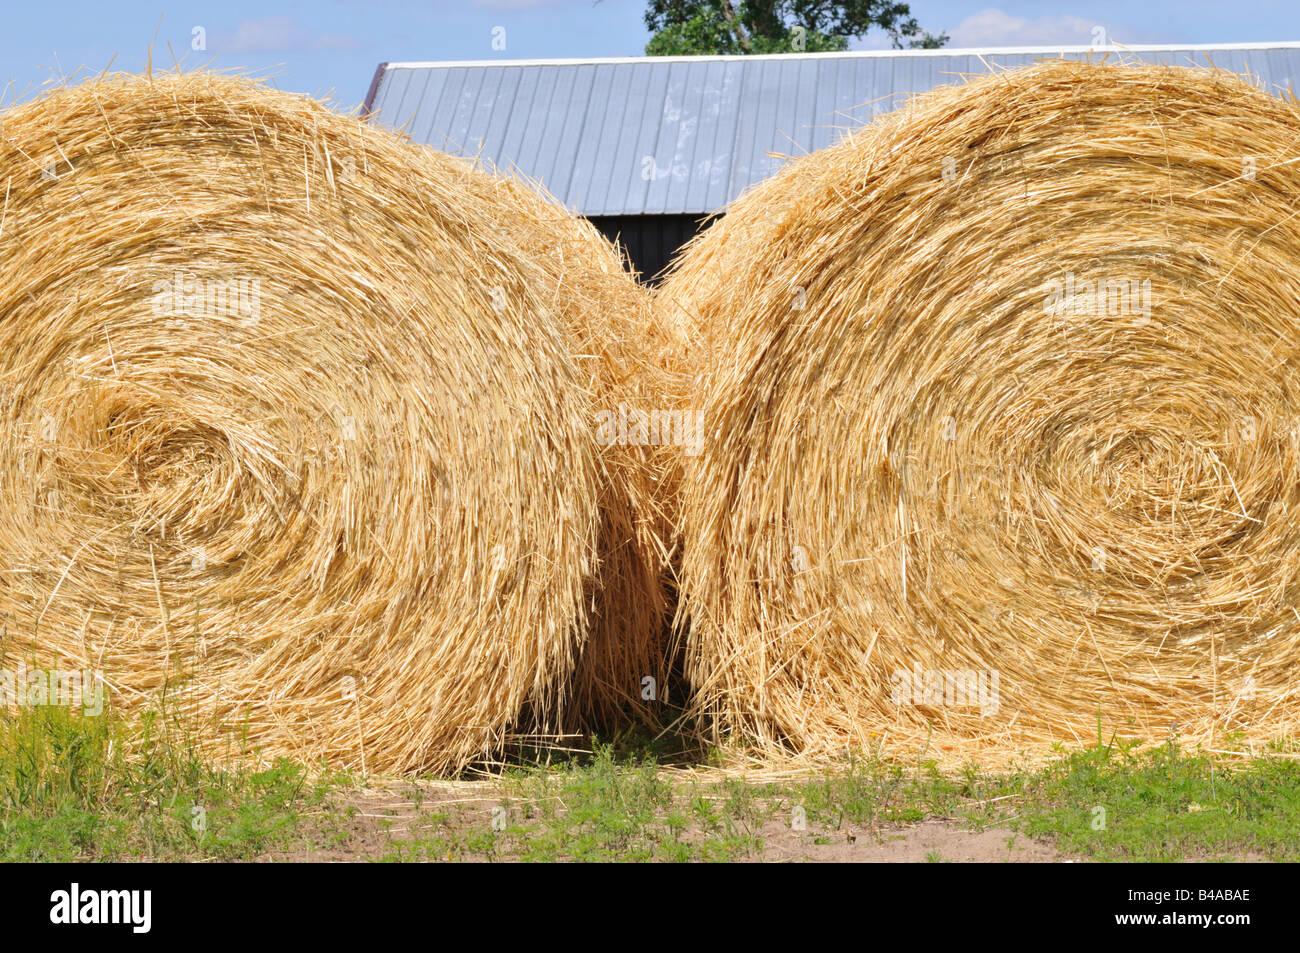 Hay. Stock Photo